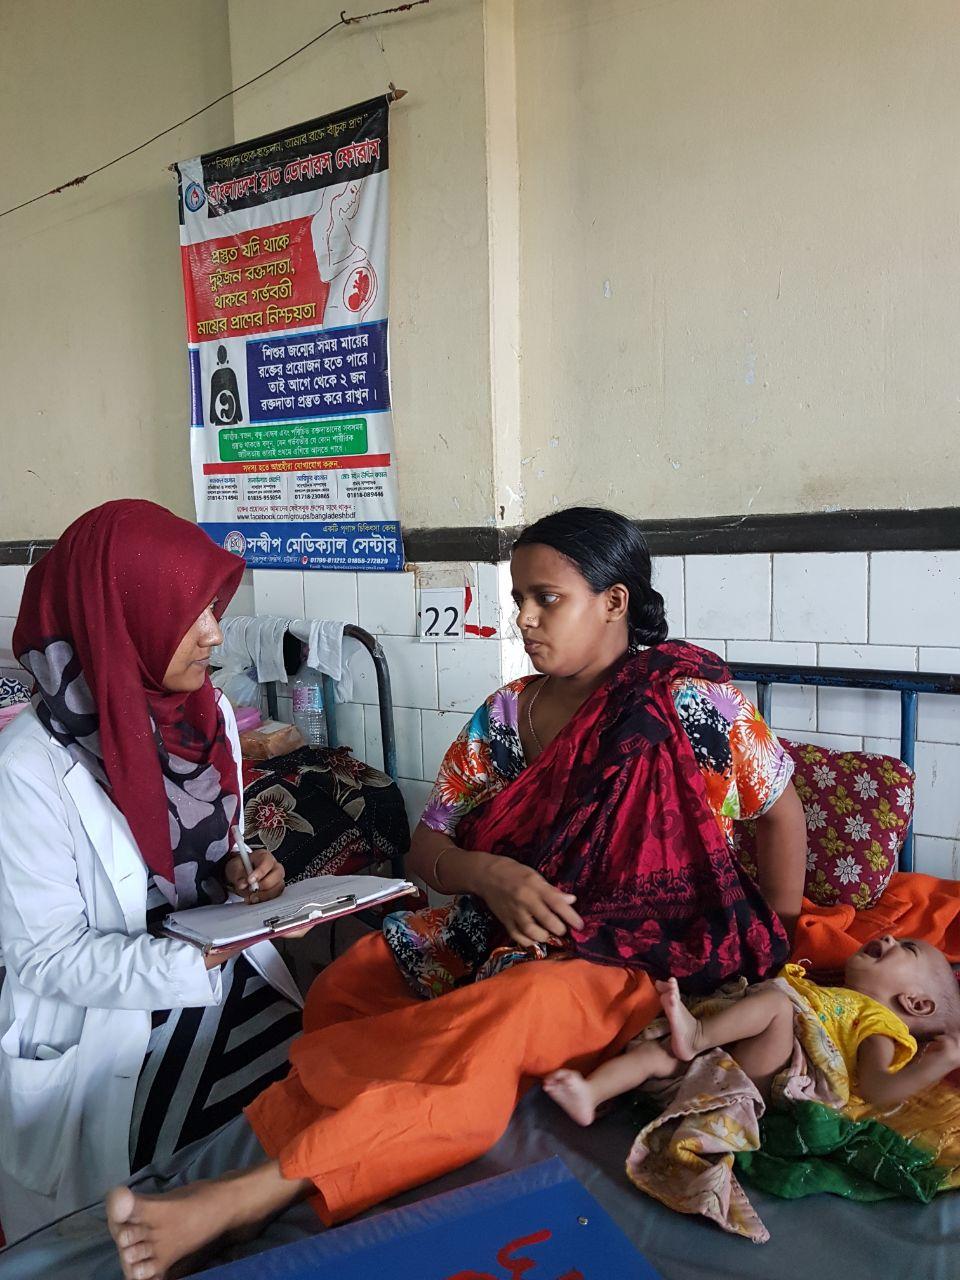 Shakeenah-at-work-in-Bangladesh